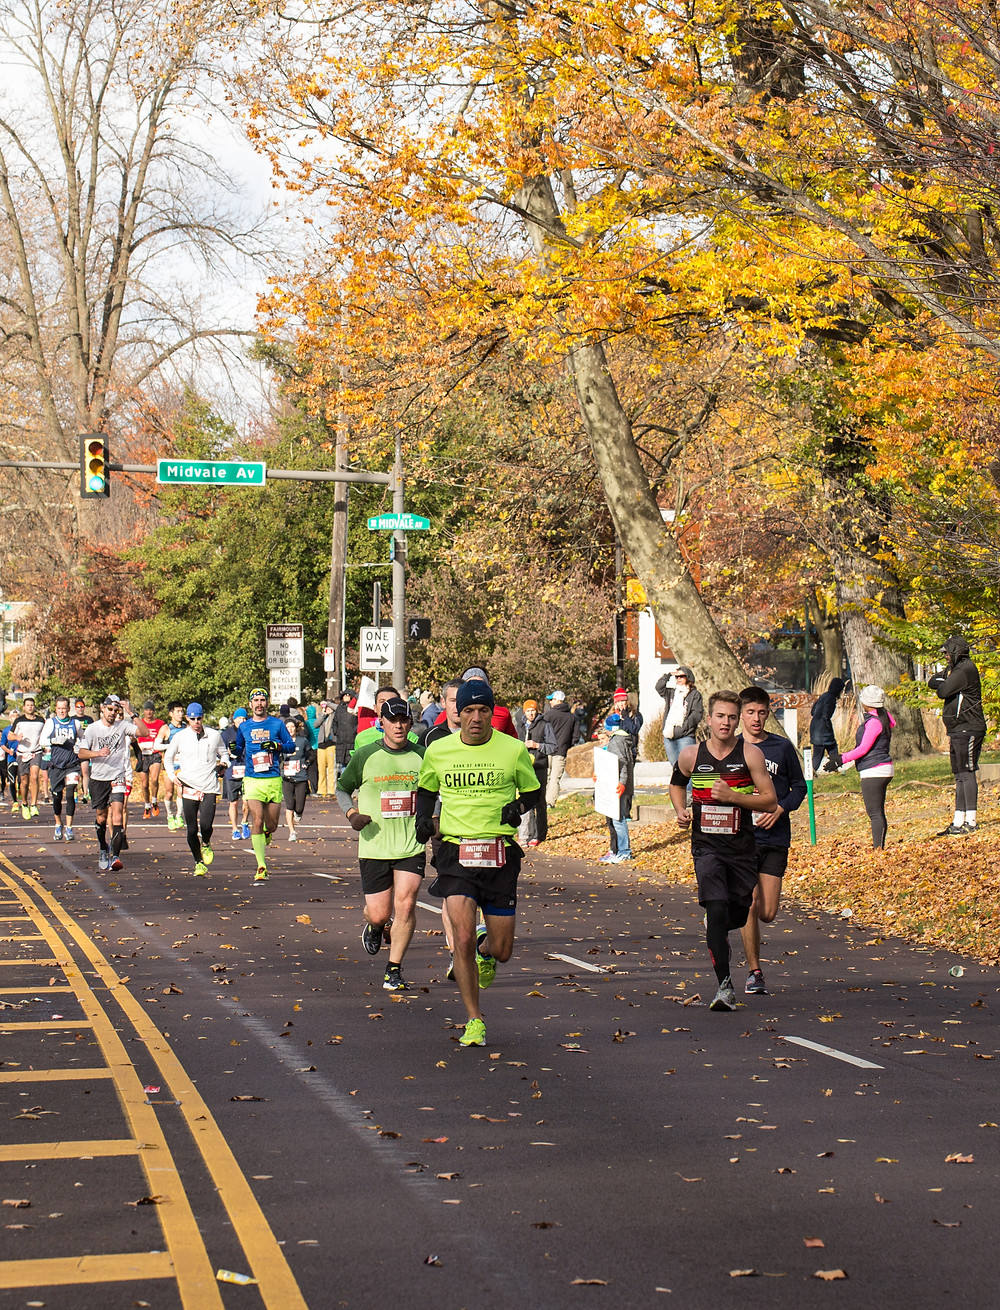 From The Philadelphia Marathon.